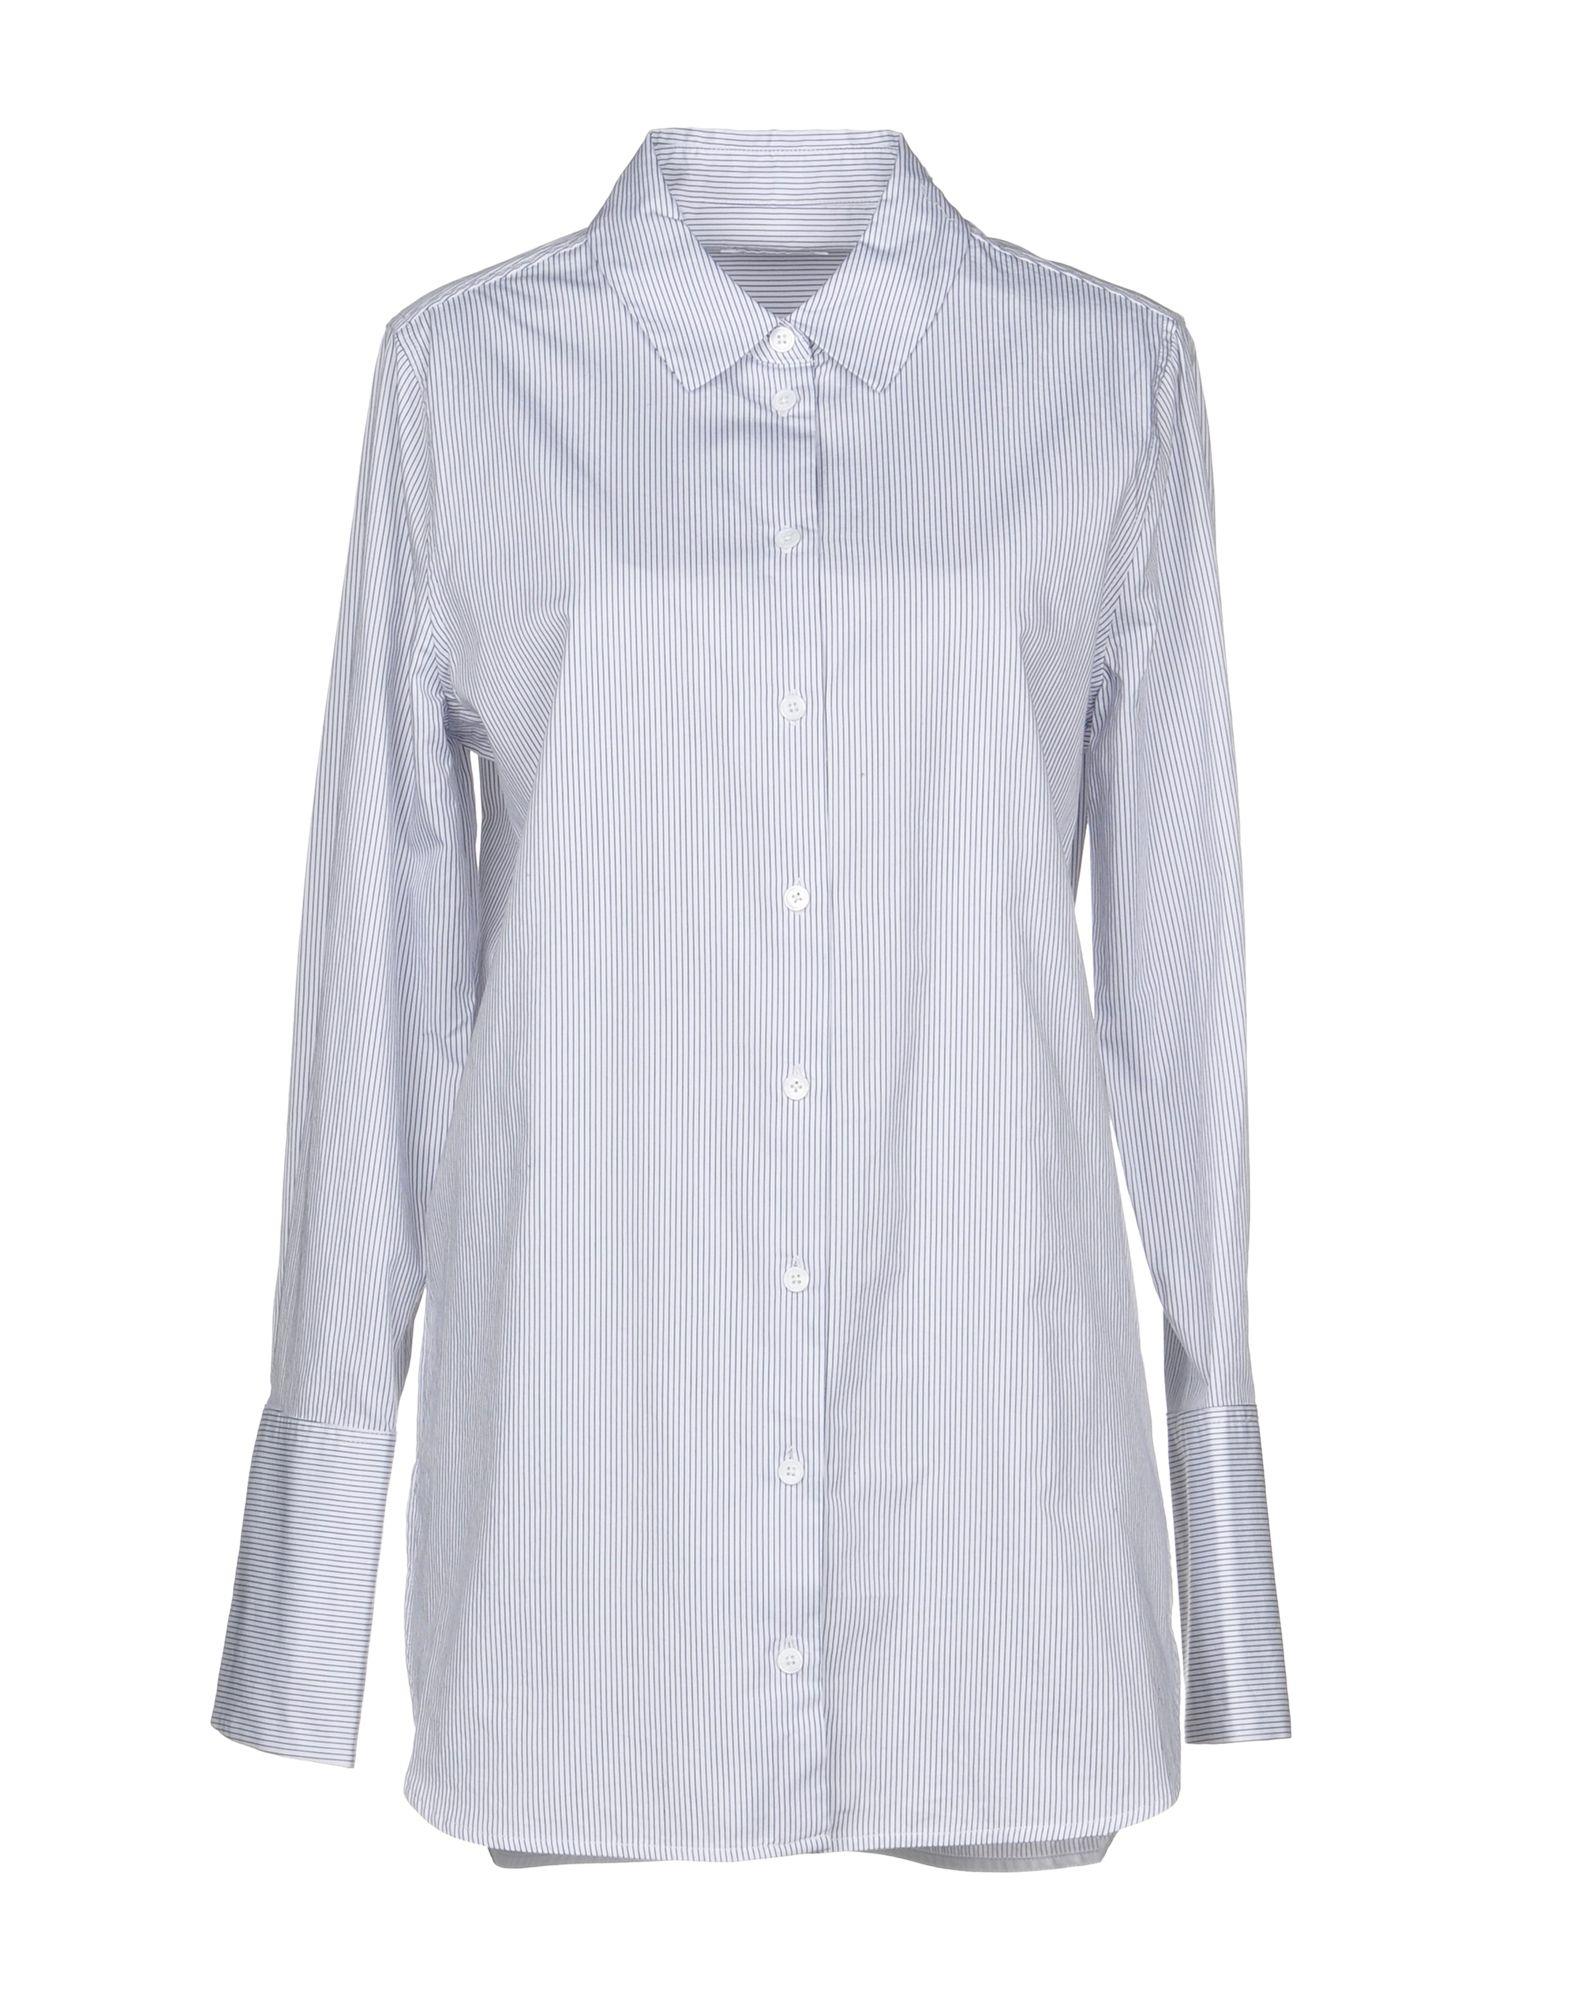 Camicia A Righe Equipment Donna - Acquista online su zPSYF5v4Nk